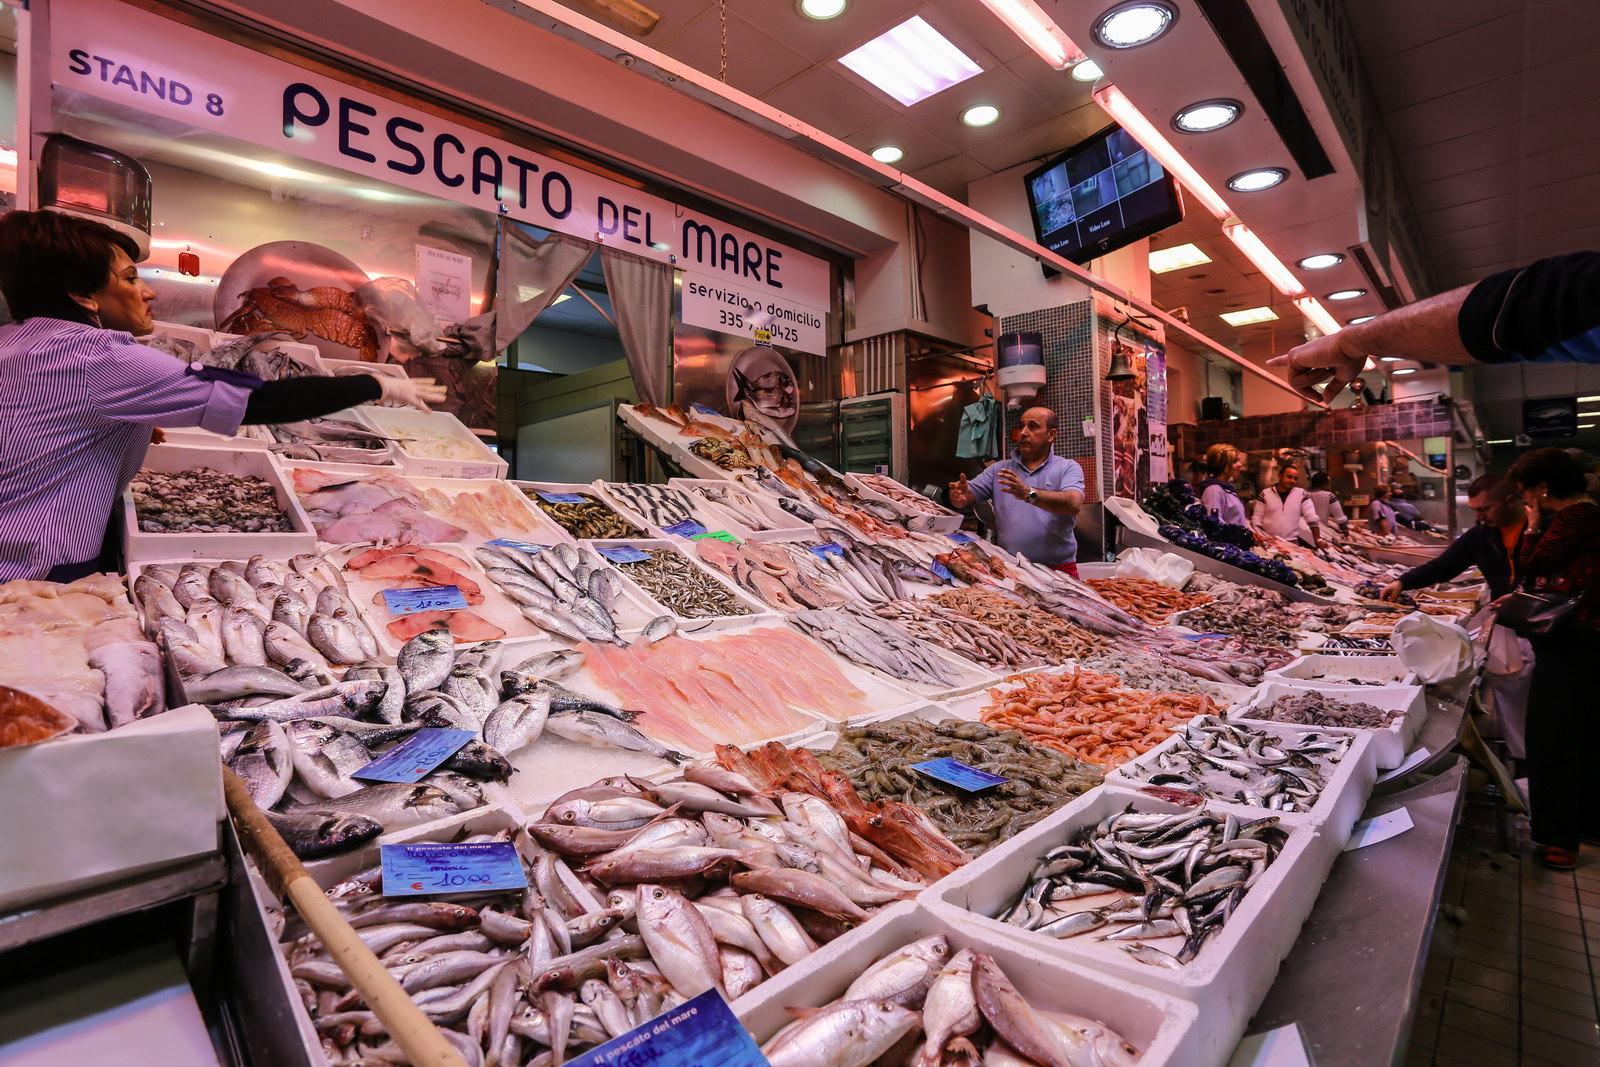 I mercati scopri porta palazzo - Mercato coperto porta palazzo orari ...